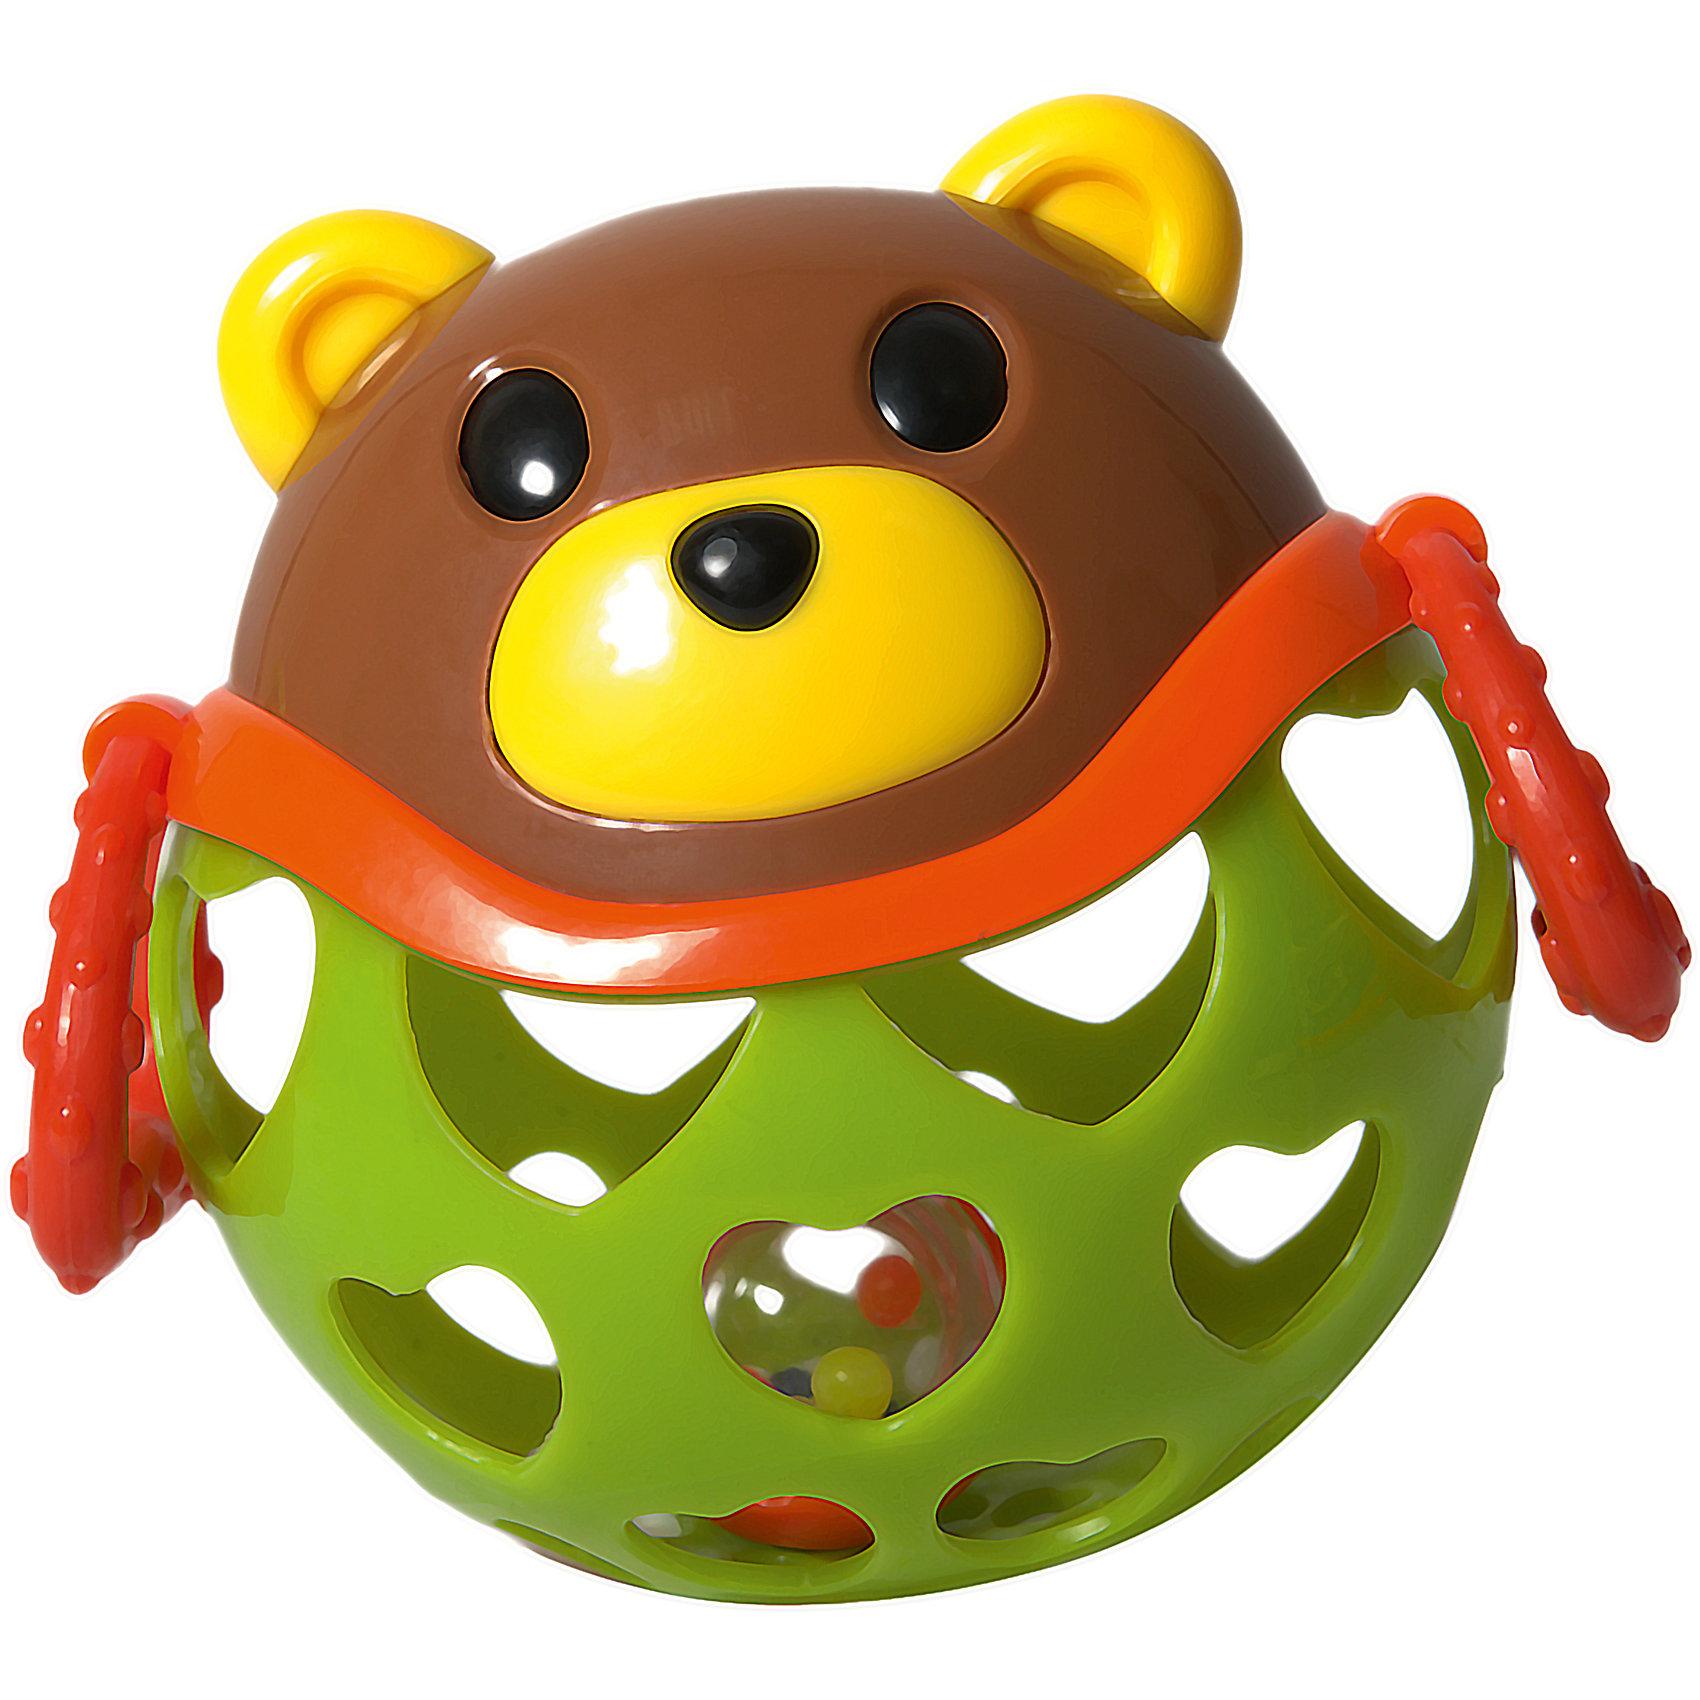 Погремушка-неразбивайка Baby Trend МедведьРазвивающие игрушки<br>Характеристики:<br><br>• возраст: от 3 месяцев<br>• материал: мягкий гибкий пластик<br>• размер игрушки: 11х11,5х7,5 см.<br>• размер упаковки: 16,5х11,5х7,5 см.<br>• вес: 181 гр.<br><br>Яркая игрушка-неразбивайка «Медведь» от Baby Trend (Беби Тренд) изготовлена из мягкого гибкого высококачественного пластика. Игрушка не имеет острых и опасных выступов. Благодаря уникальной форме ее удобно держать маленькими пальчиками.<br><br>Внутри игрушки находится прозрачный контейнер с цветными шариками, которые издают забавные звуки при встряхивании медвежонка. Рельефные ручки игрушки можно использовать в качестве прорезывателей для зубов, они успокоят нежные десна малыша.<br><br>Игрушку-неразбивайку Медведь, Baby Trend (Беби Тренд) можно купить в нашем интернет-магазине.<br><br>Ширина мм: 140<br>Глубина мм: 135<br>Высота мм: 105<br>Вес г: 181<br>Возраст от месяцев: 3<br>Возраст до месяцев: 2147483647<br>Пол: Унисекс<br>Возраст: Детский<br>SKU: 6872169